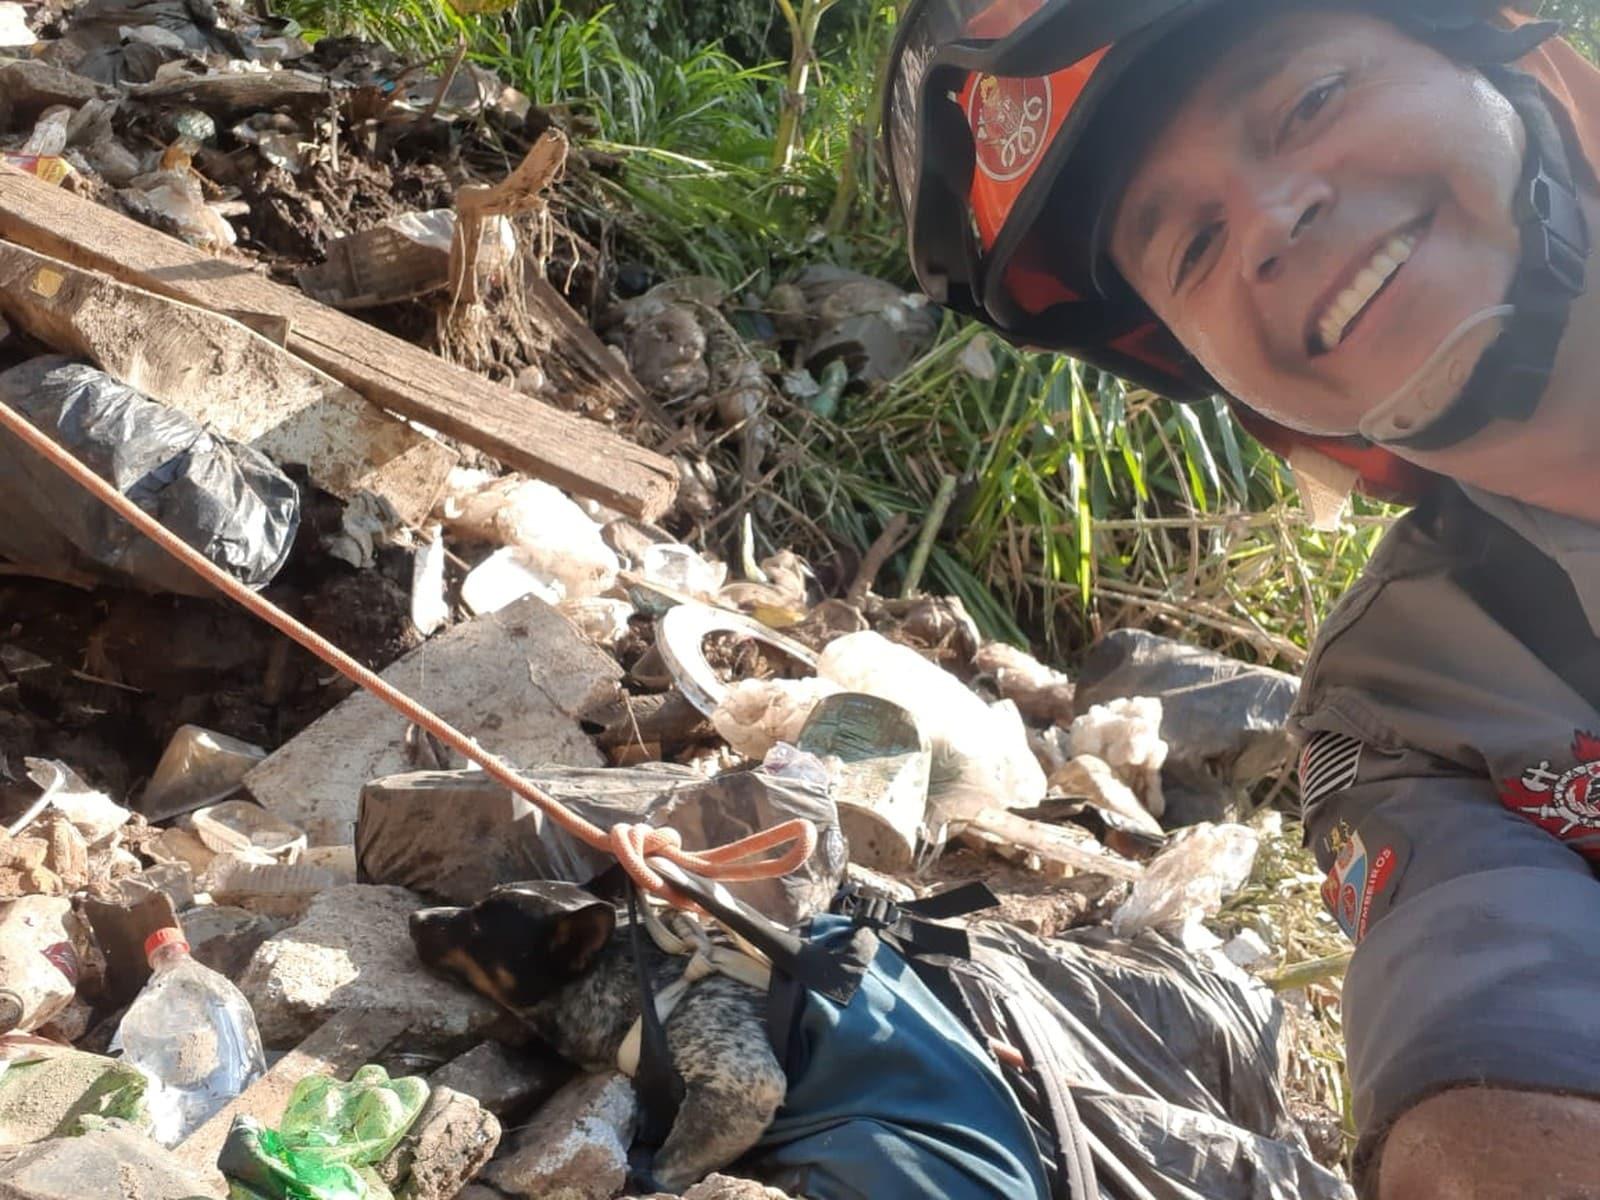 Cachorro foi colocado em um equipamento de segurança durante o resgate em Marília — Foto: Divulgação/Corpo de Bombeiros